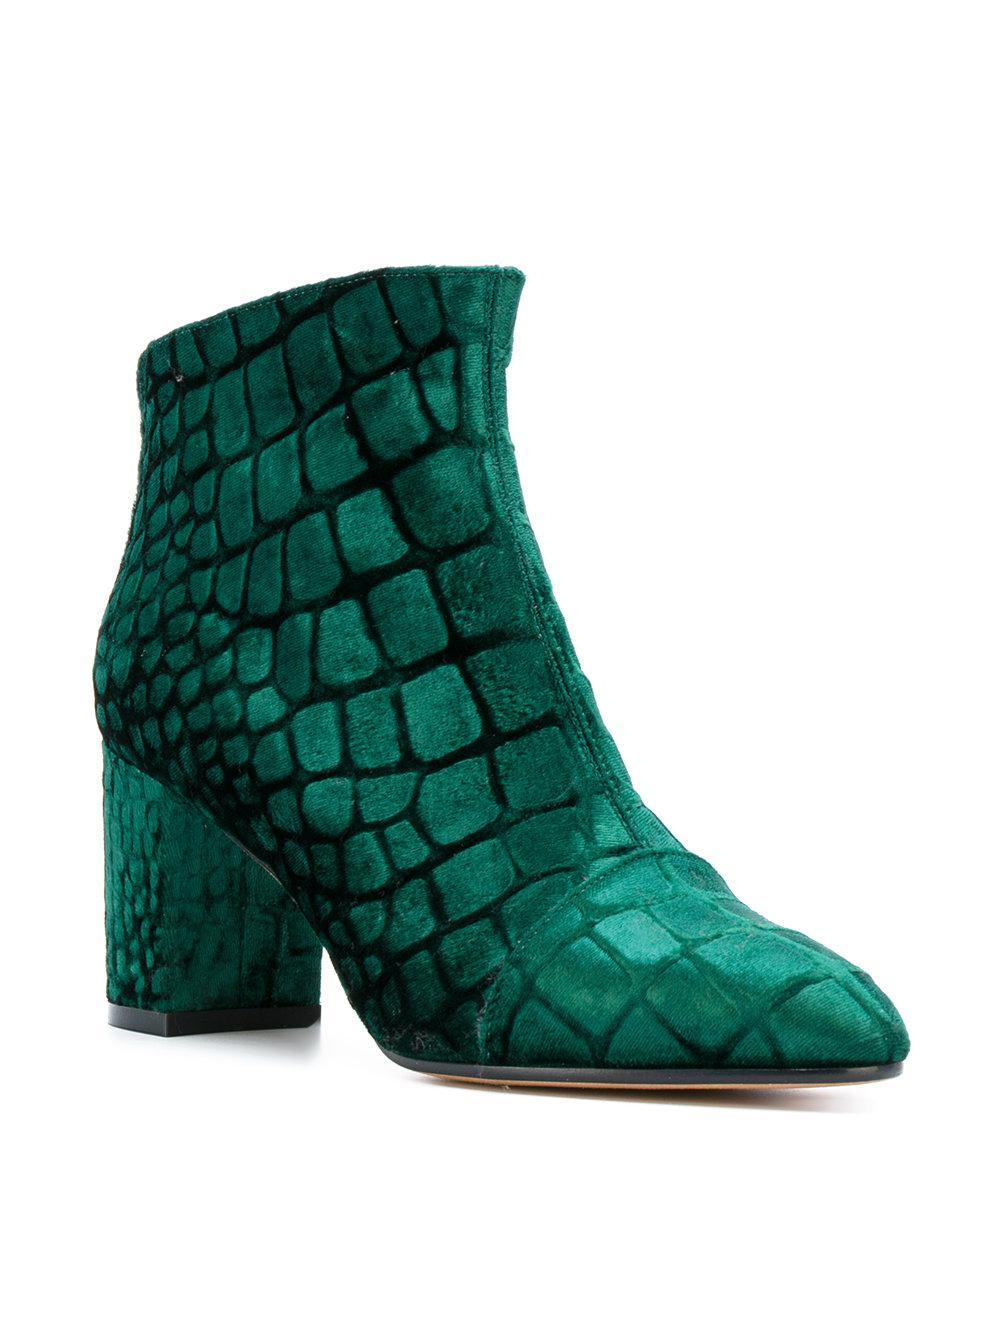 Jean-Michel Cazabat Velvet Printed Round Toe Booties in Green